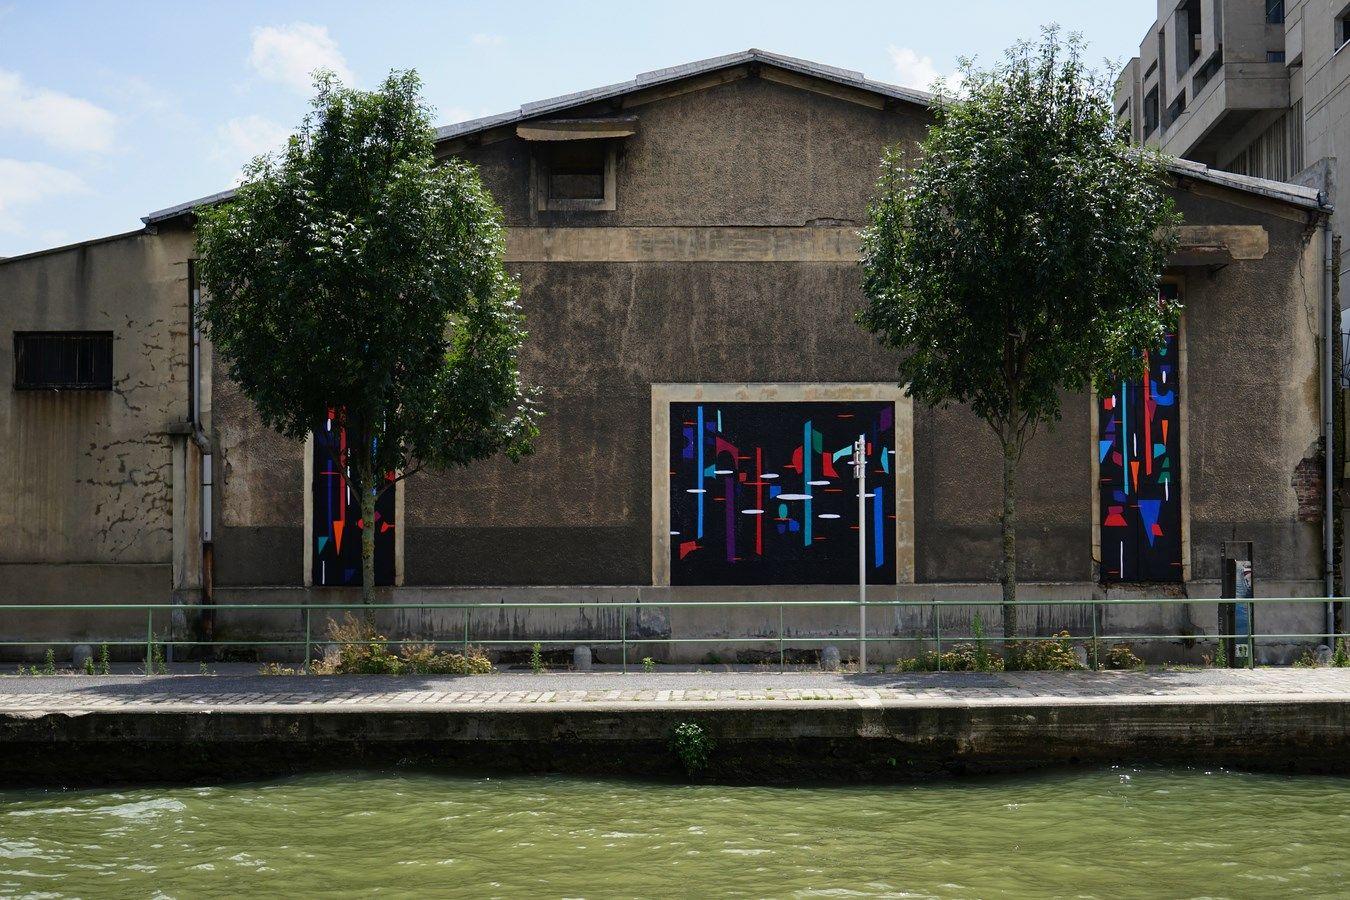 Oeuvre deLN Surfil à Pantin canal de l'Ourcq